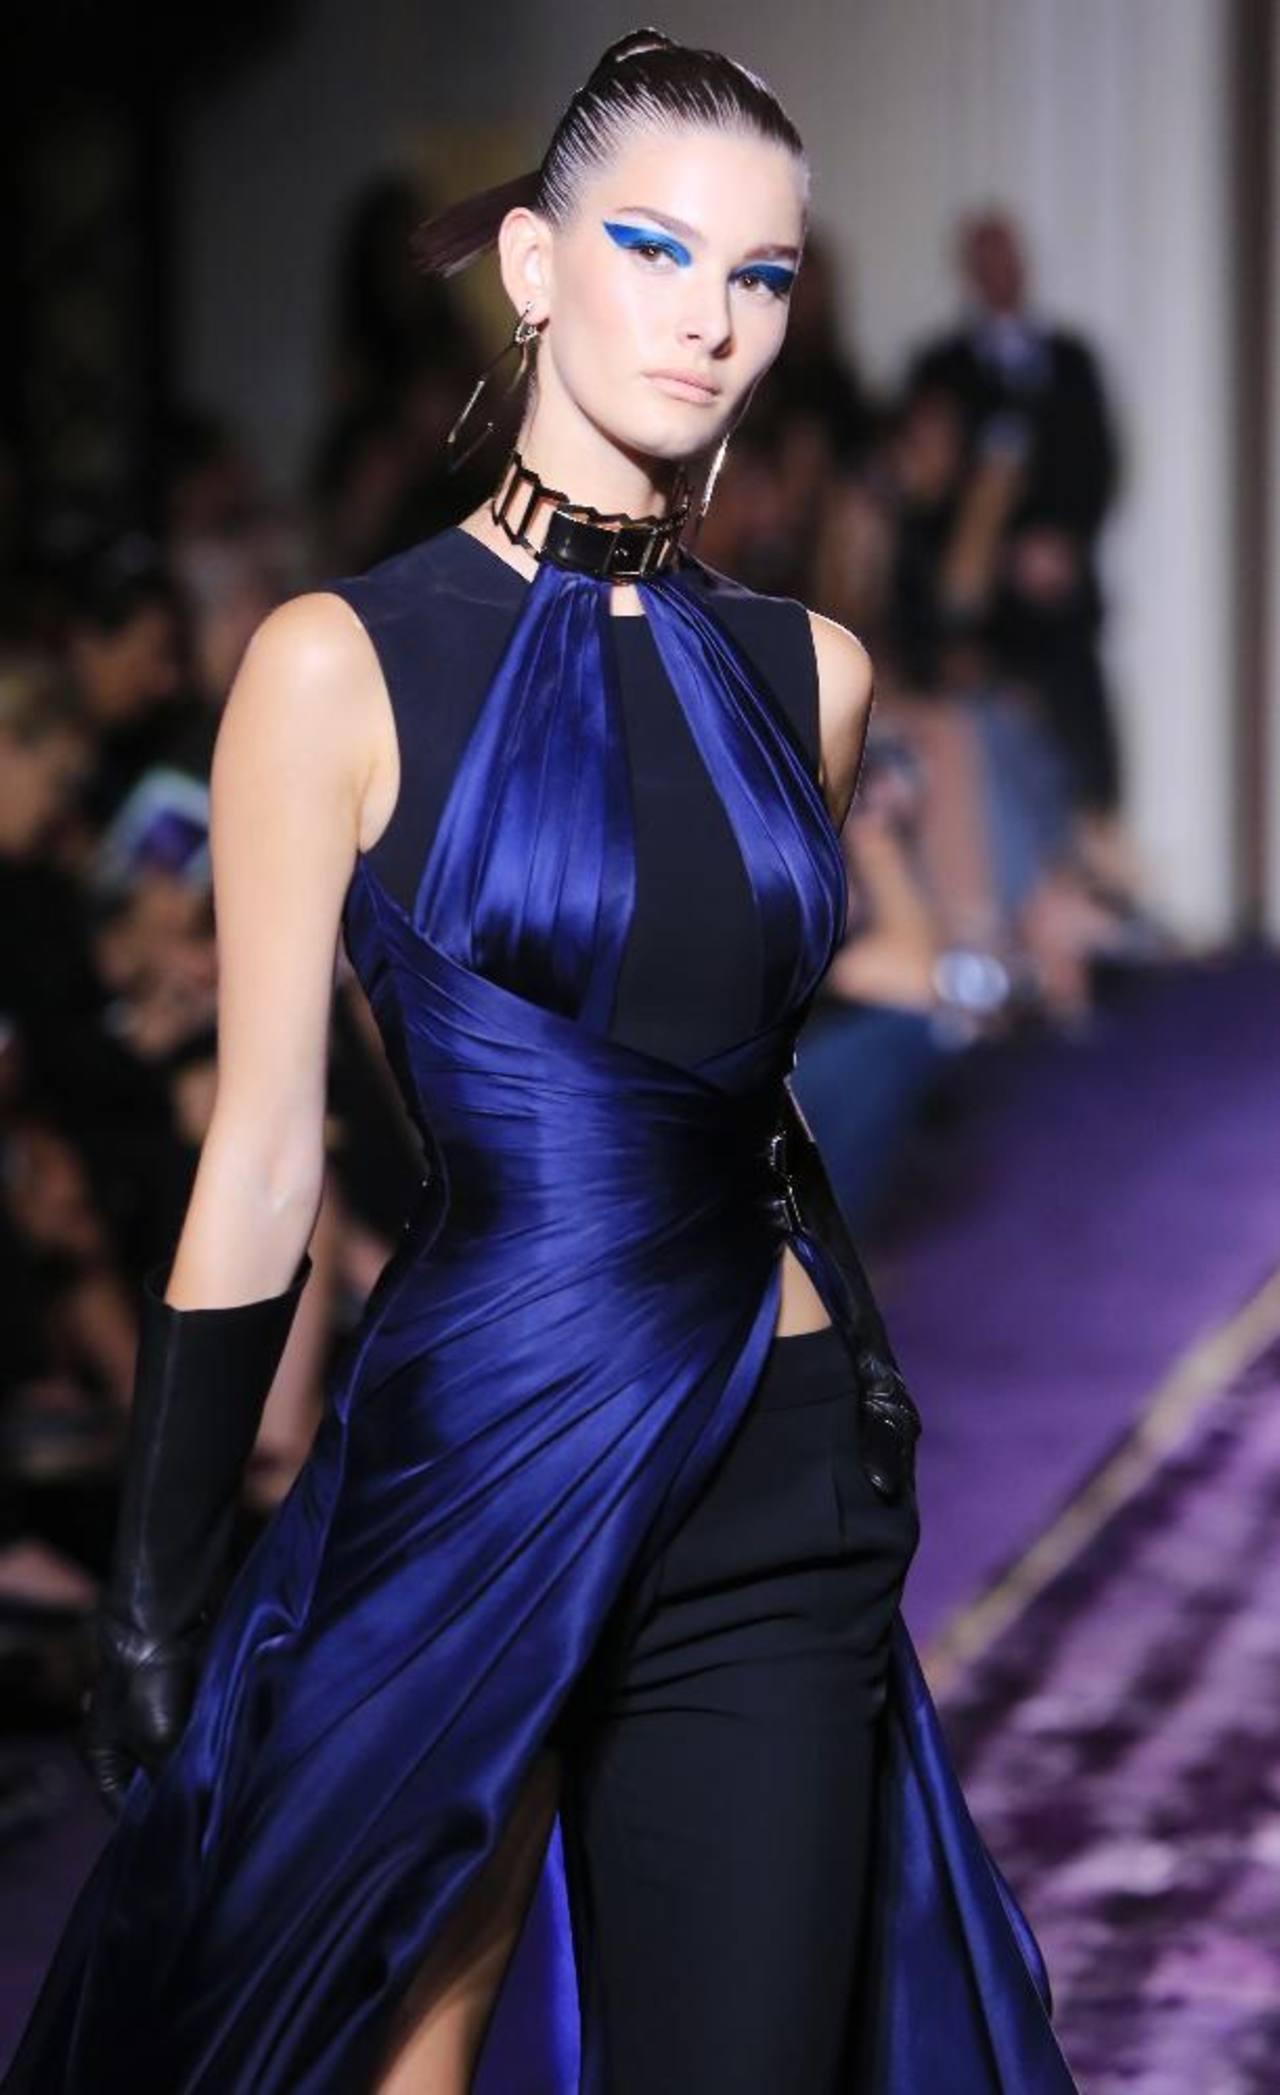 Una mujer sensual y moderna predomina en la colección de la diseñadora italiana Donatella Versace. foto EDH